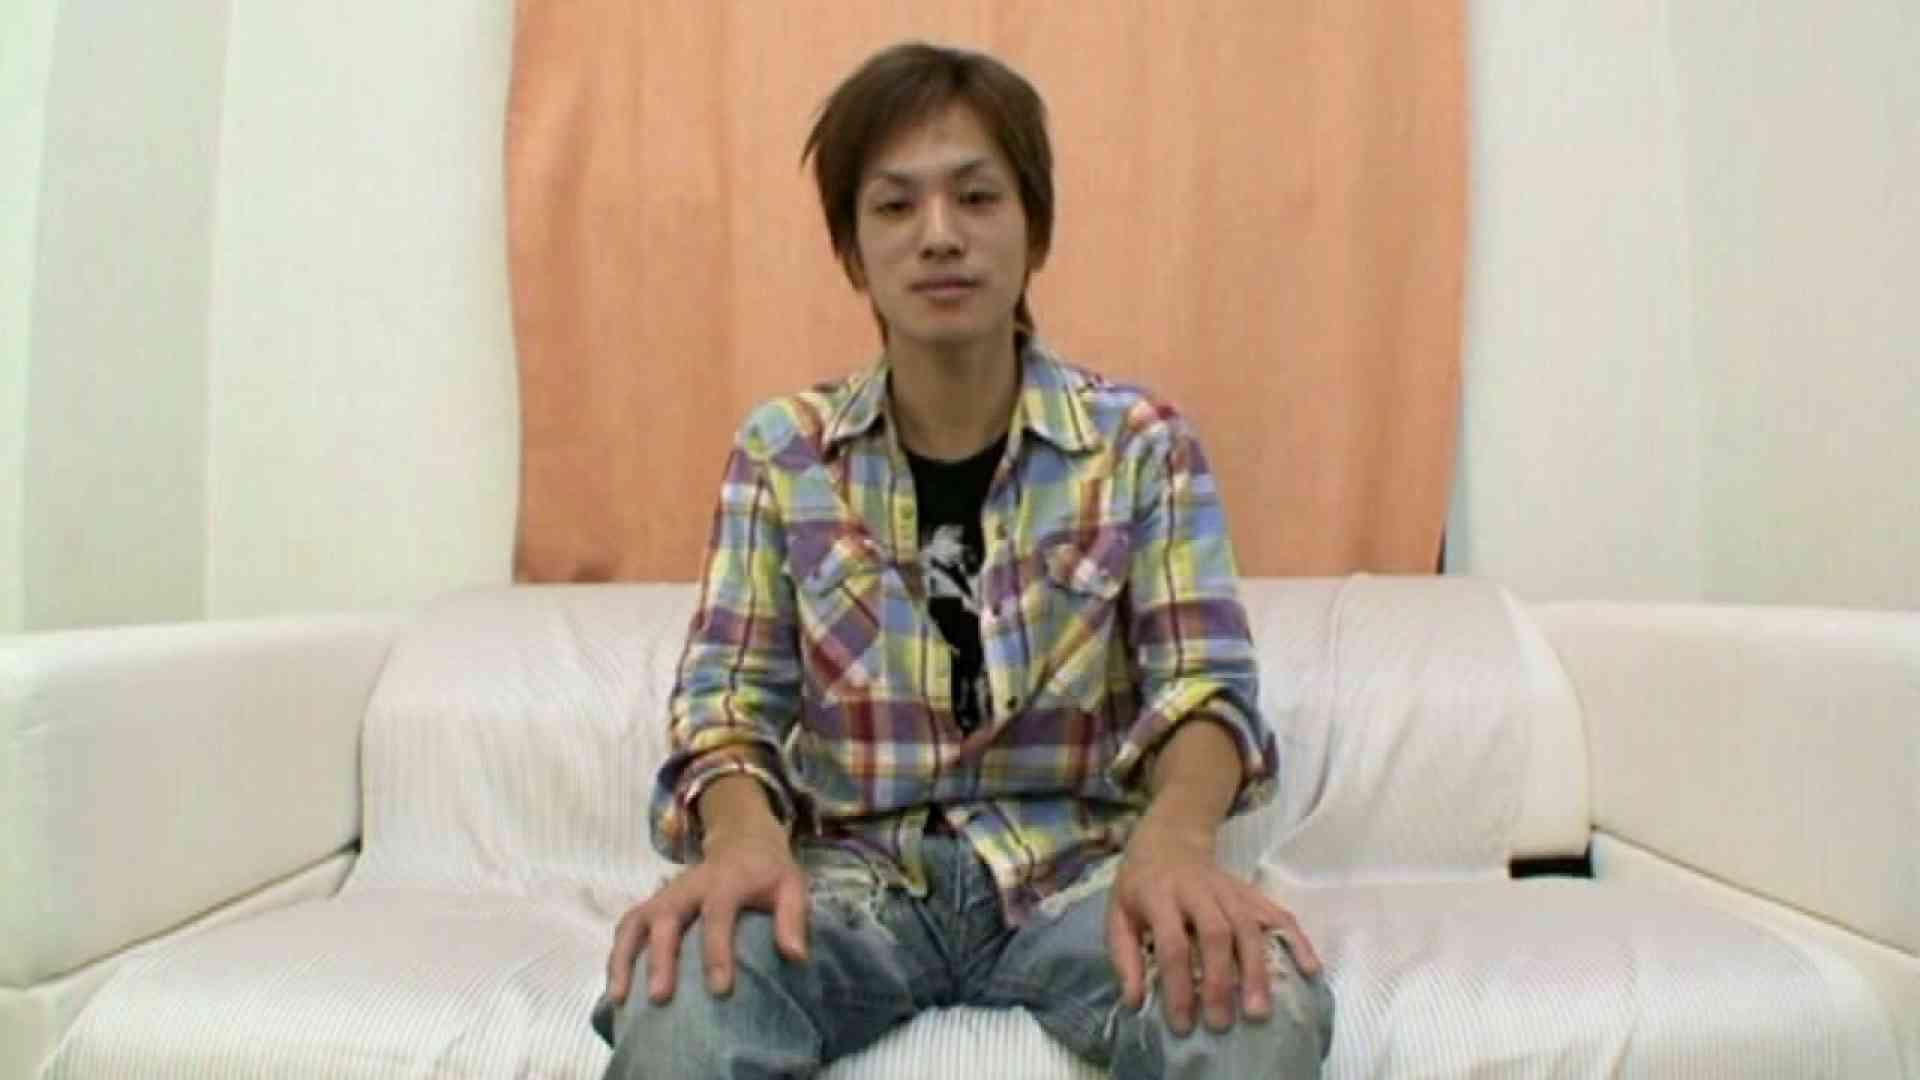 ノンケ!自慰スタジオ No.03 オナニー ゲイセックス画像 58pic 3